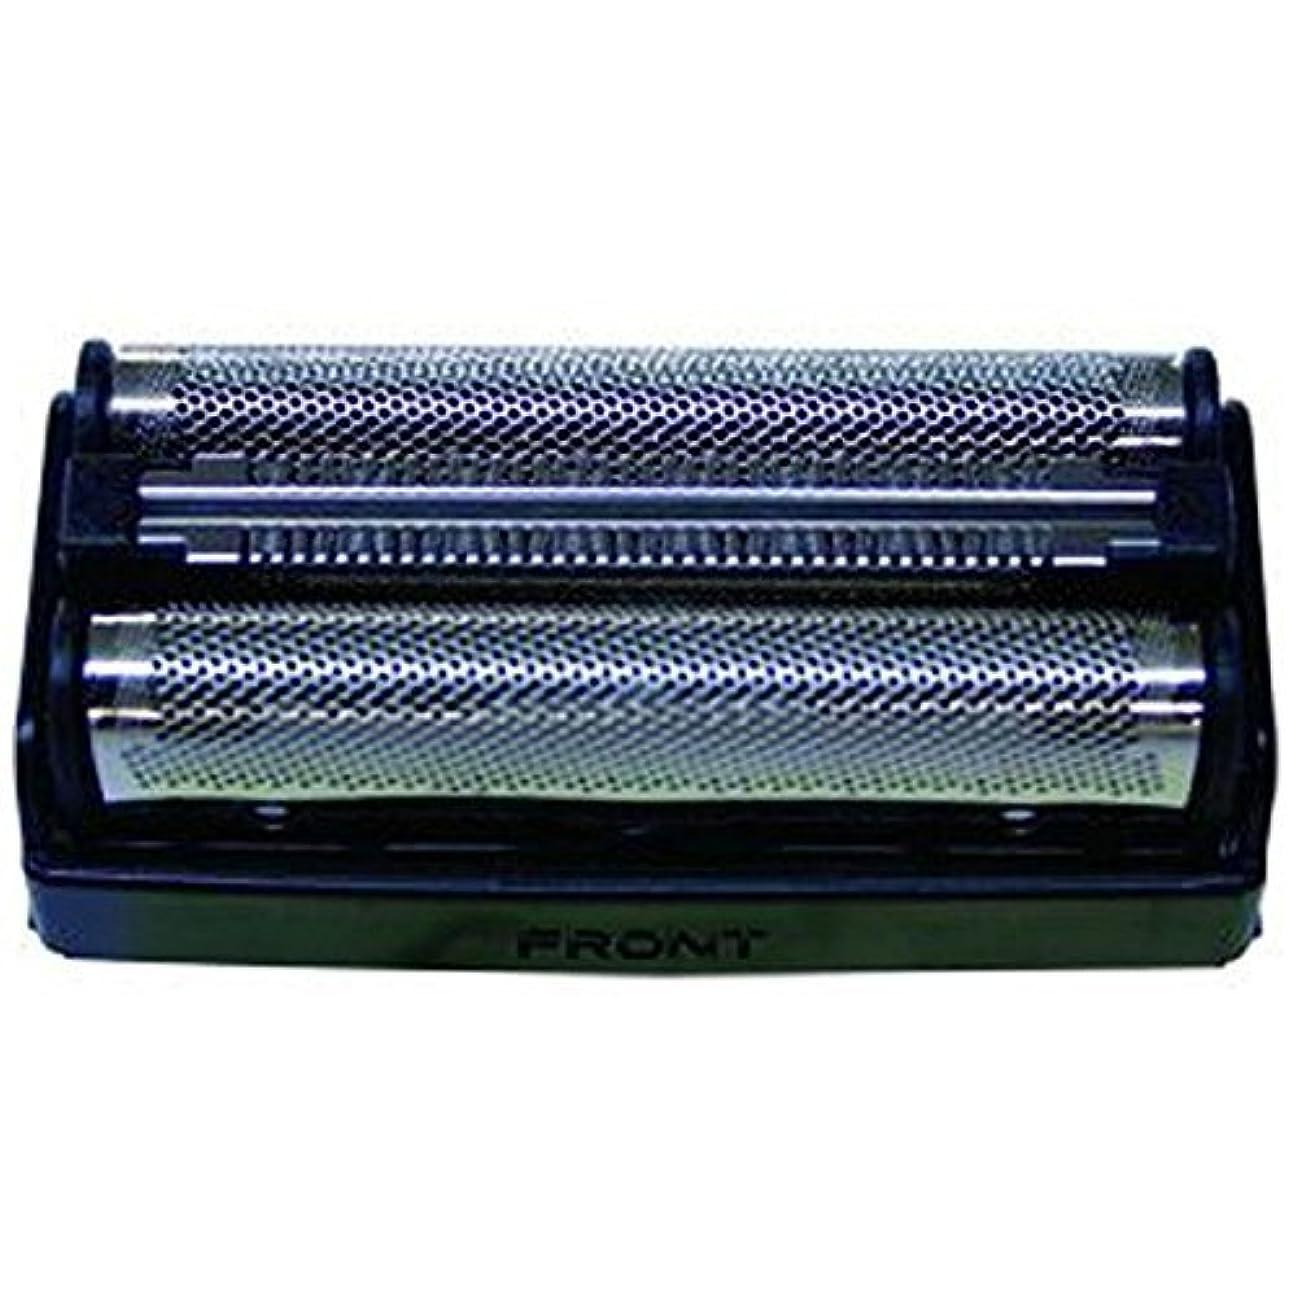 繊毛運賃ケープイズミ 交換用替刃(外刃)IZUMI SO-V537